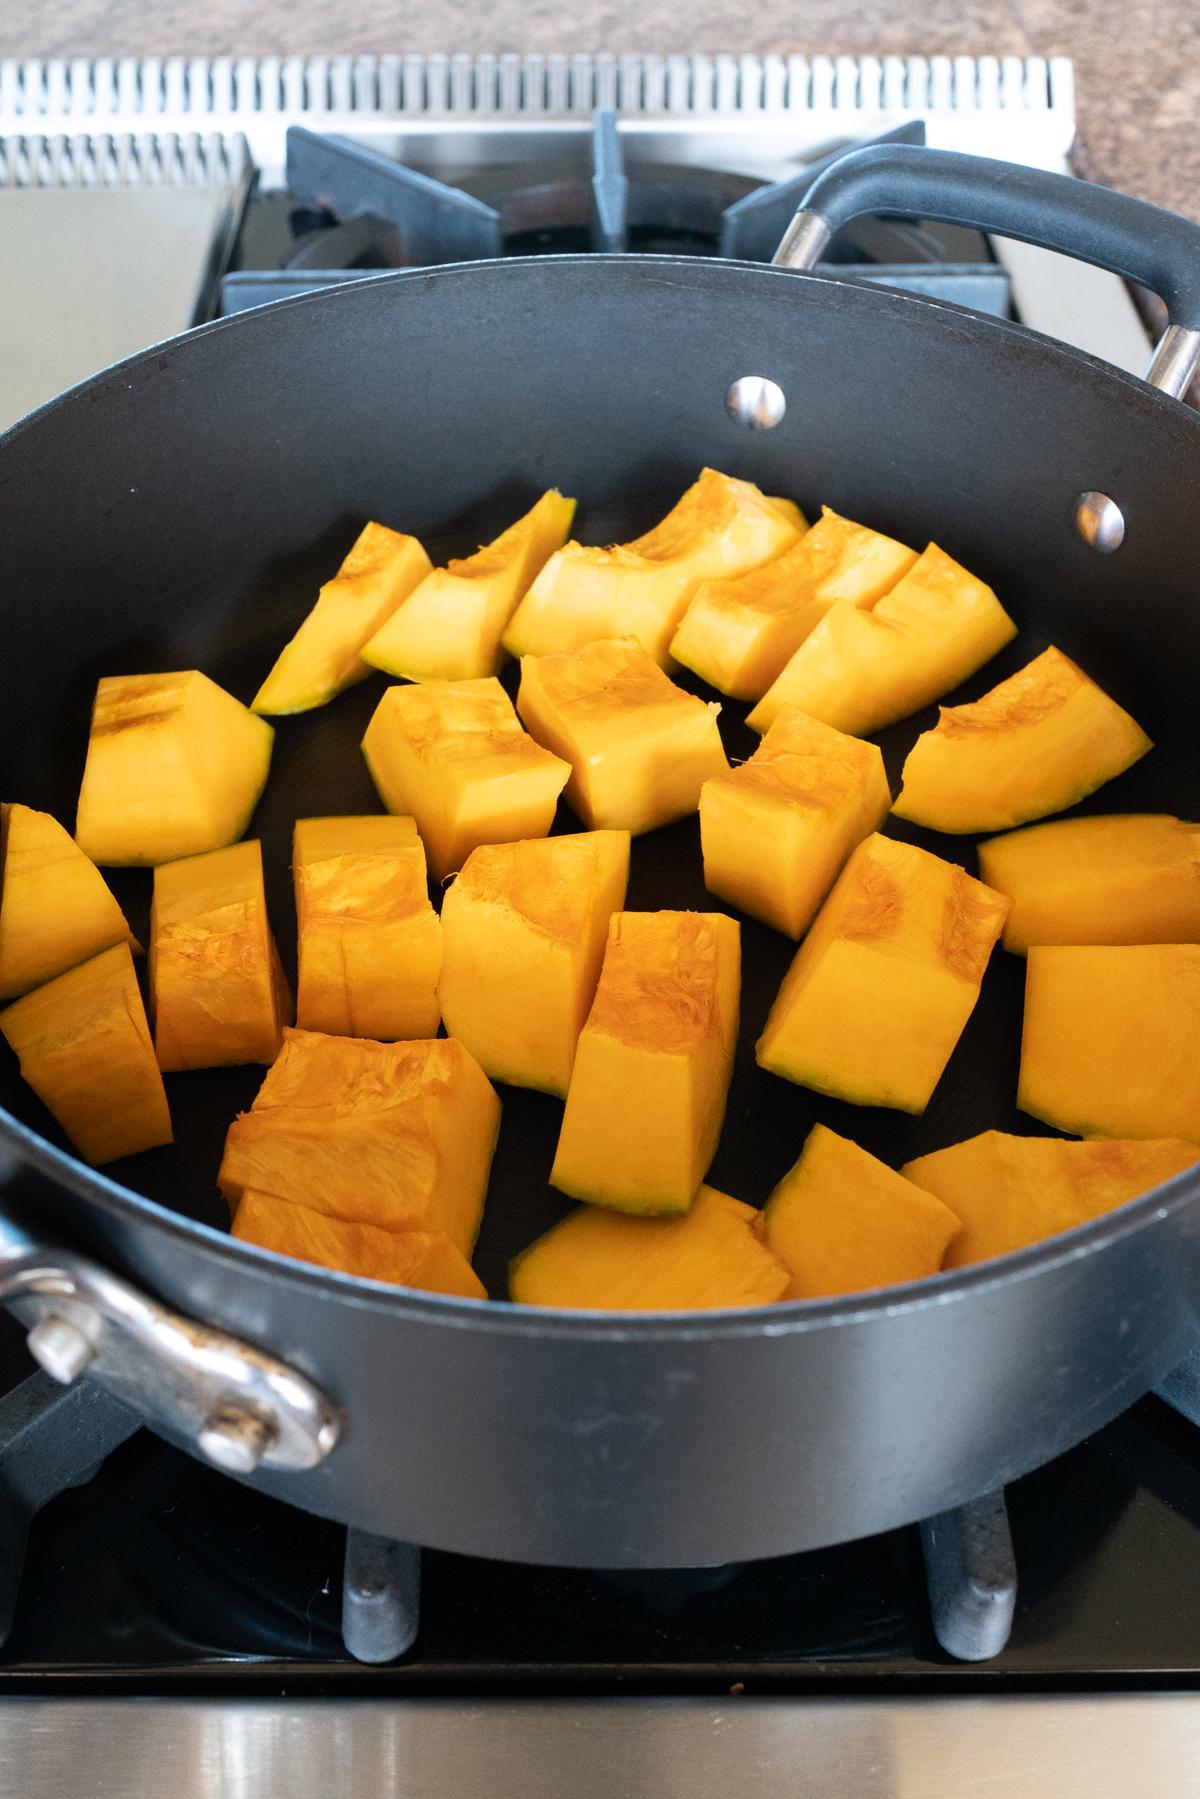 Cut kabocha squash pieces in a pan.